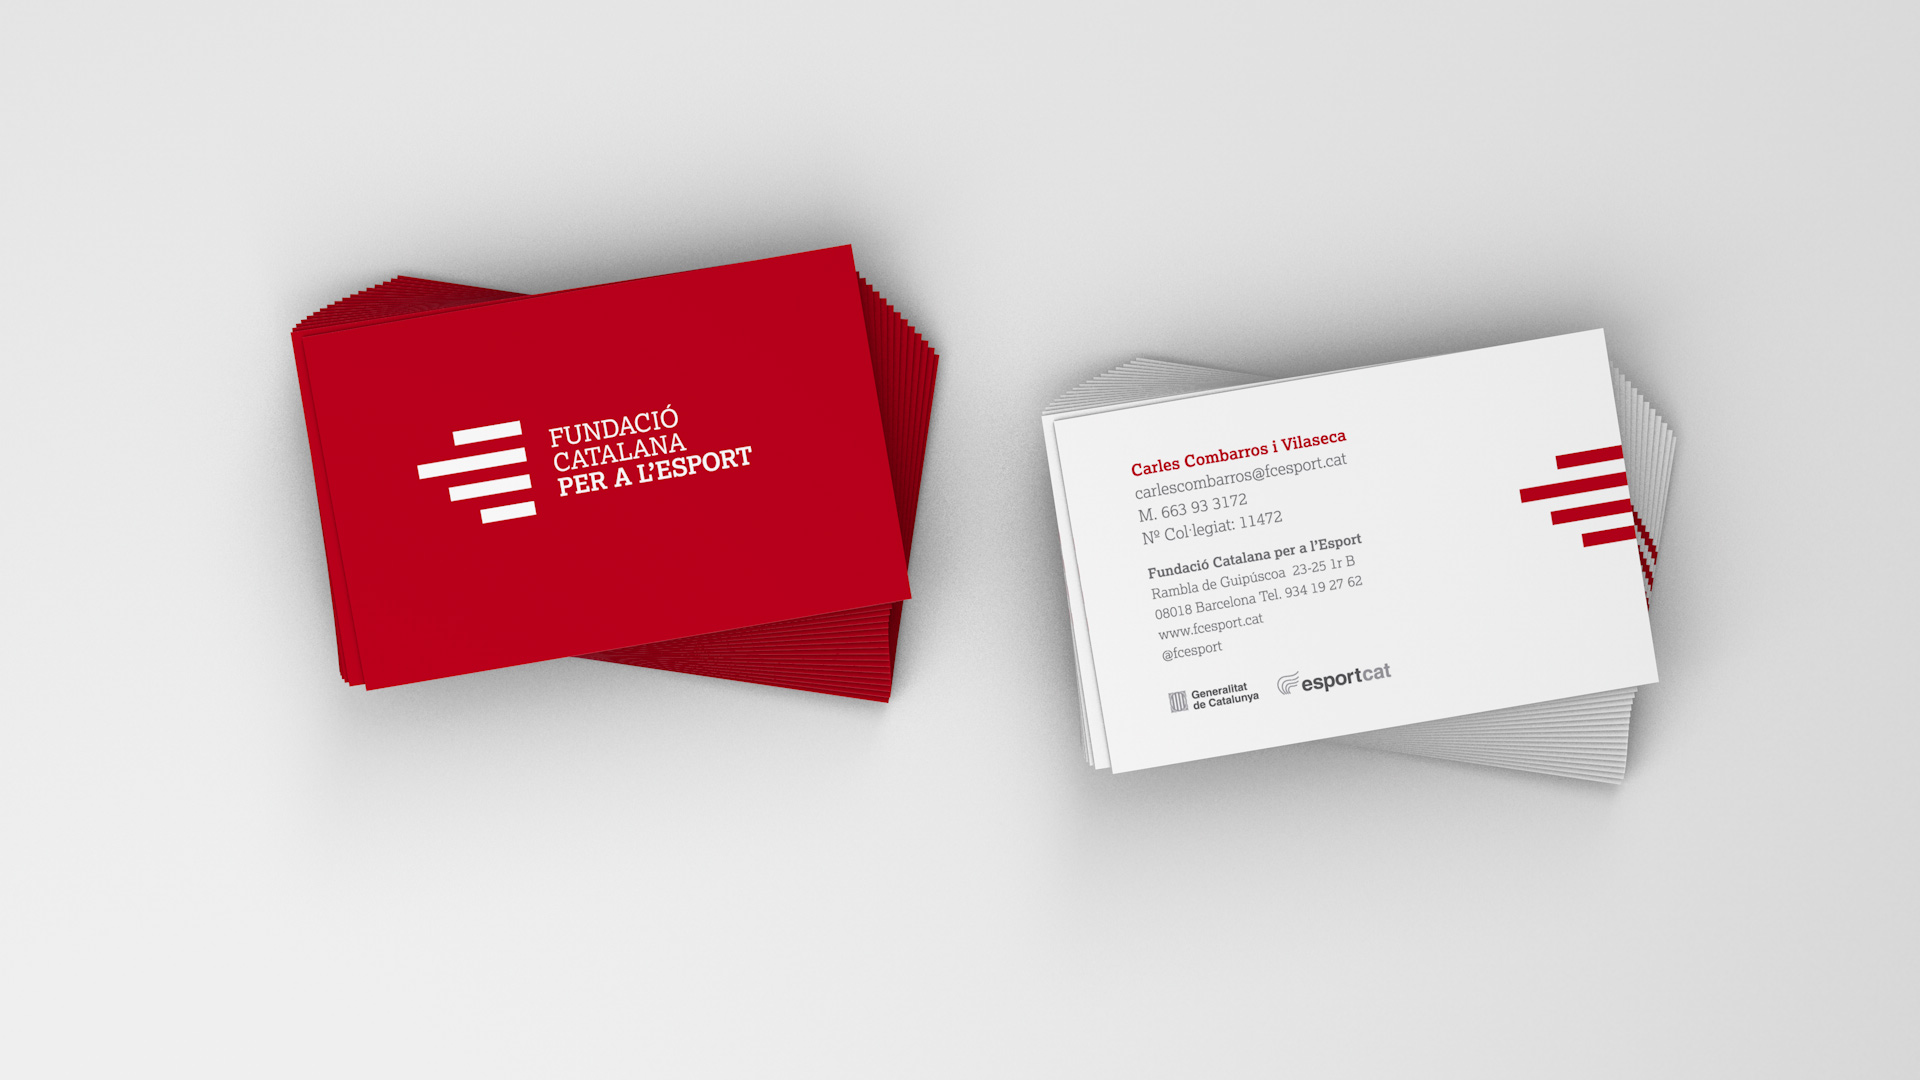 Diseño marca e identidad corporativa Fundació Catalana per a l'Esport - Tarjetas